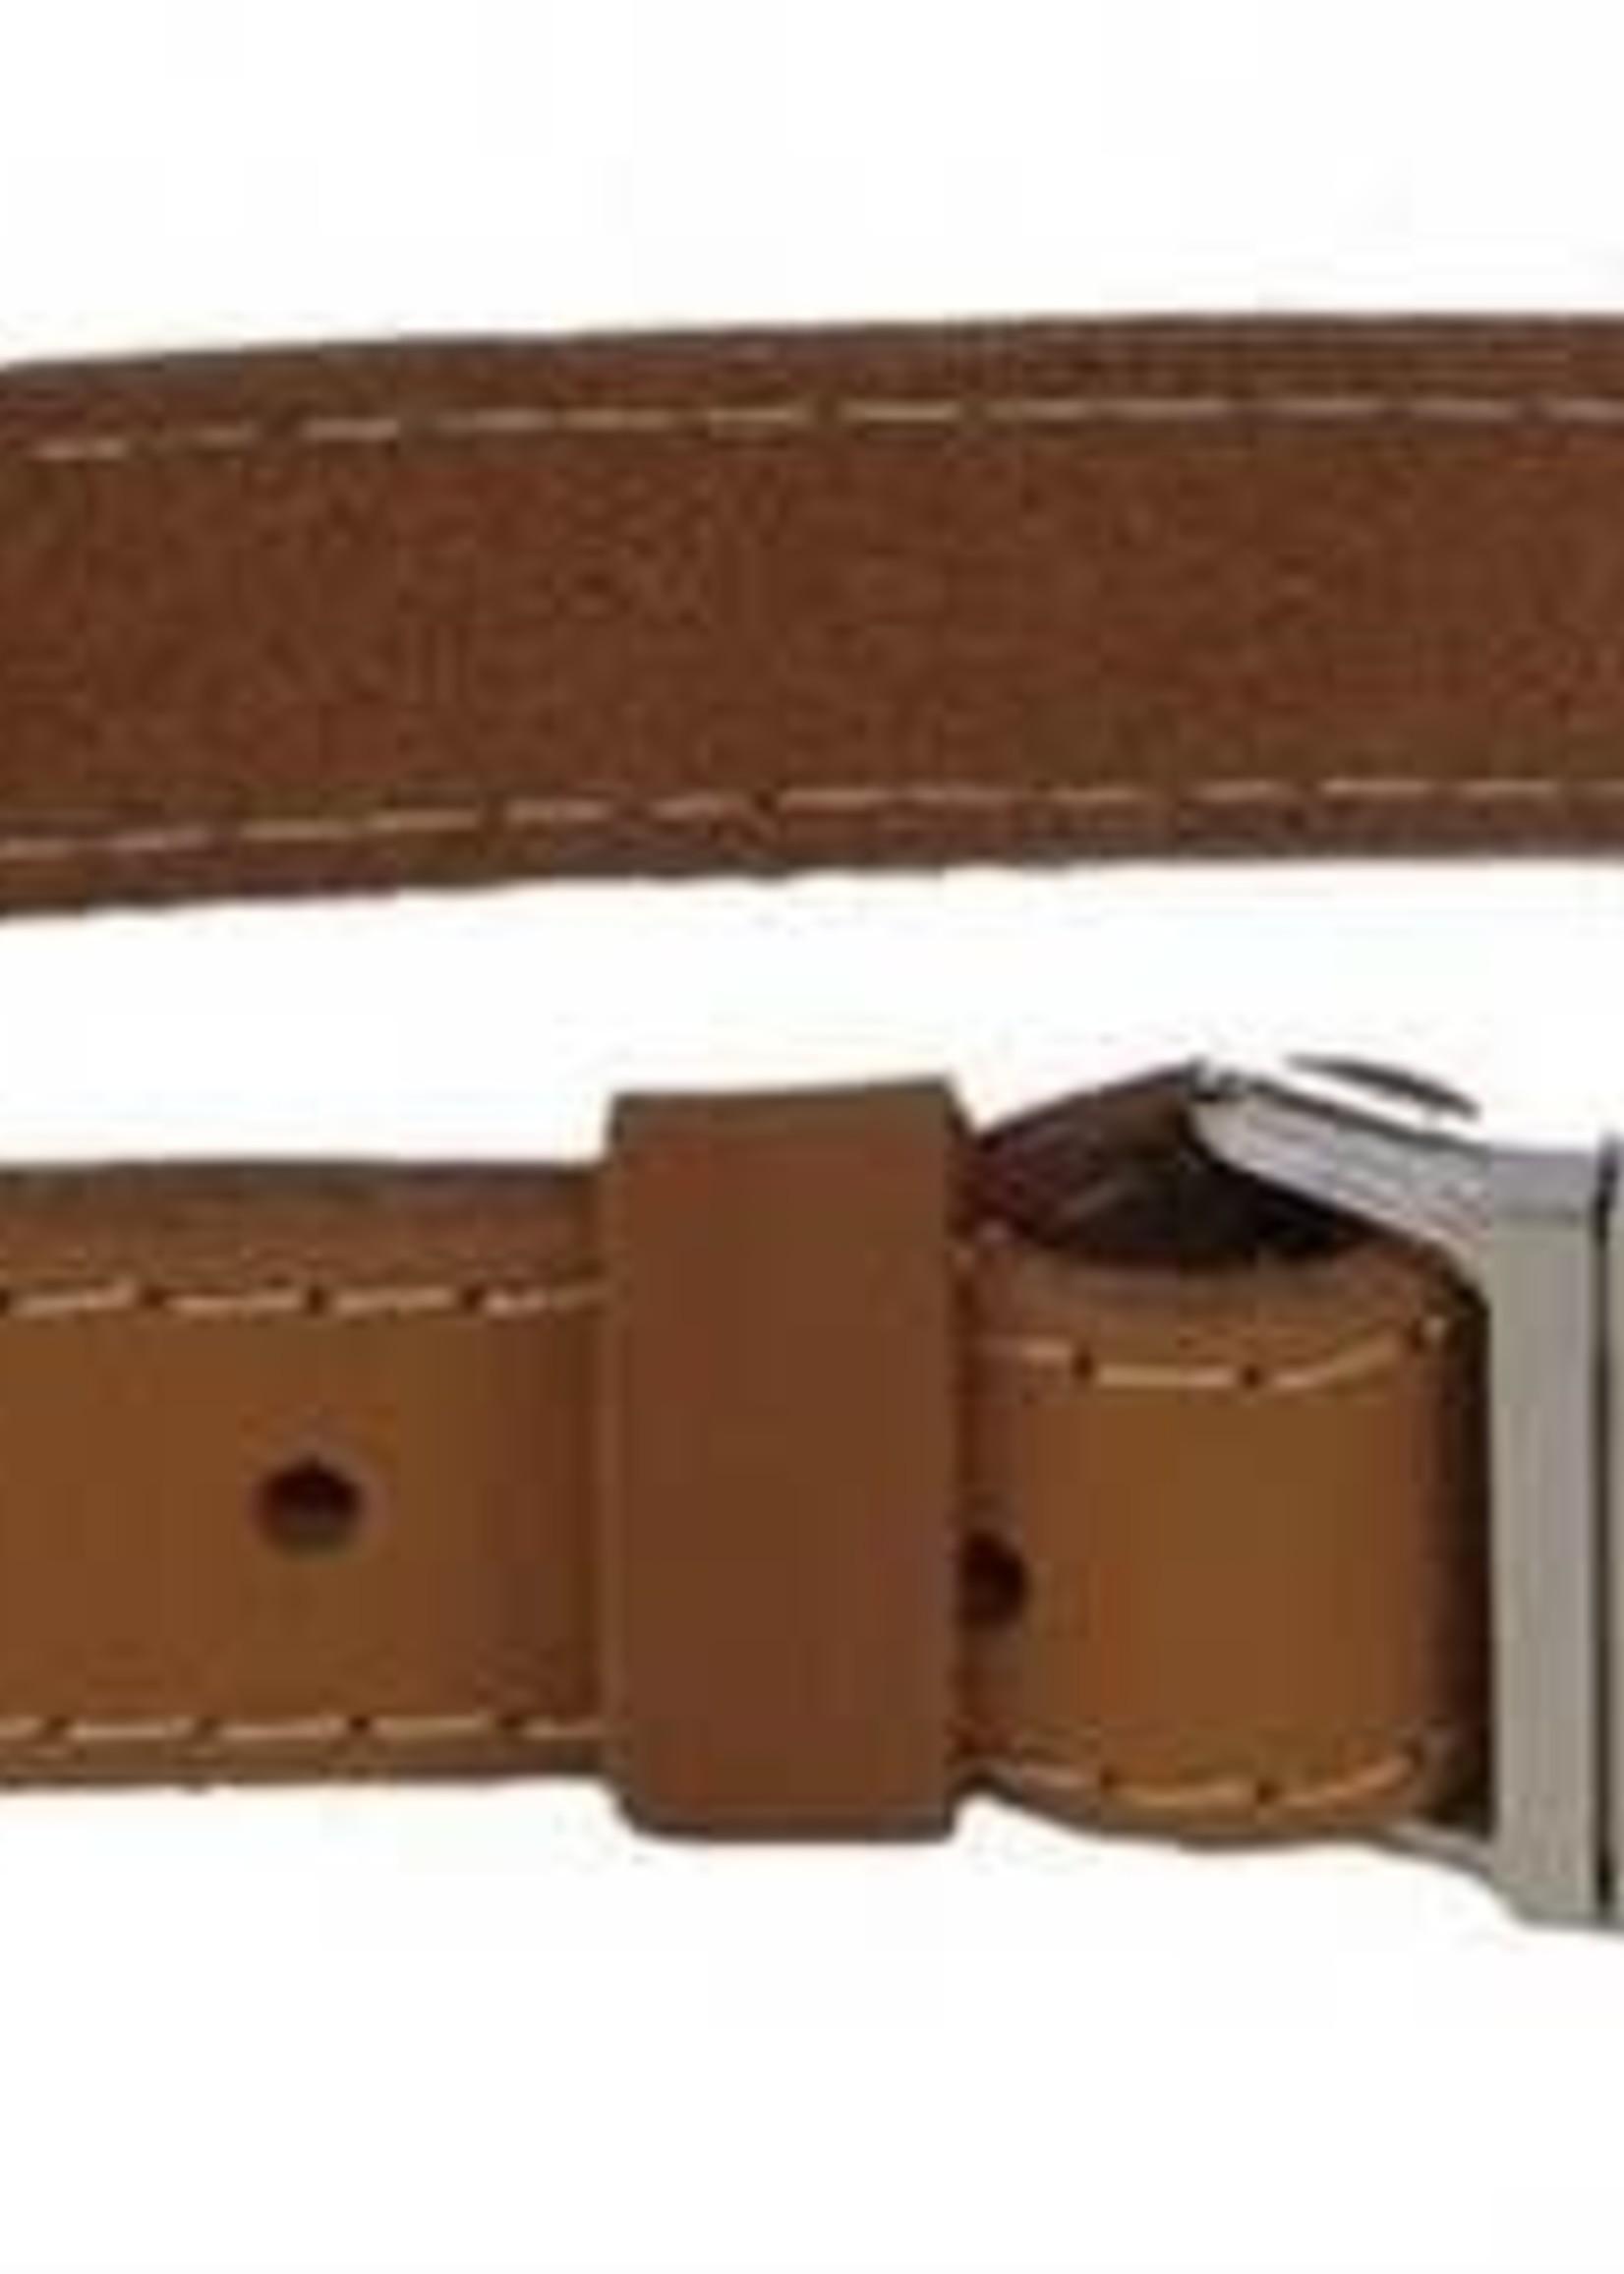 Euro-Dog Euro-Dog Quick Release Collar Tan Small